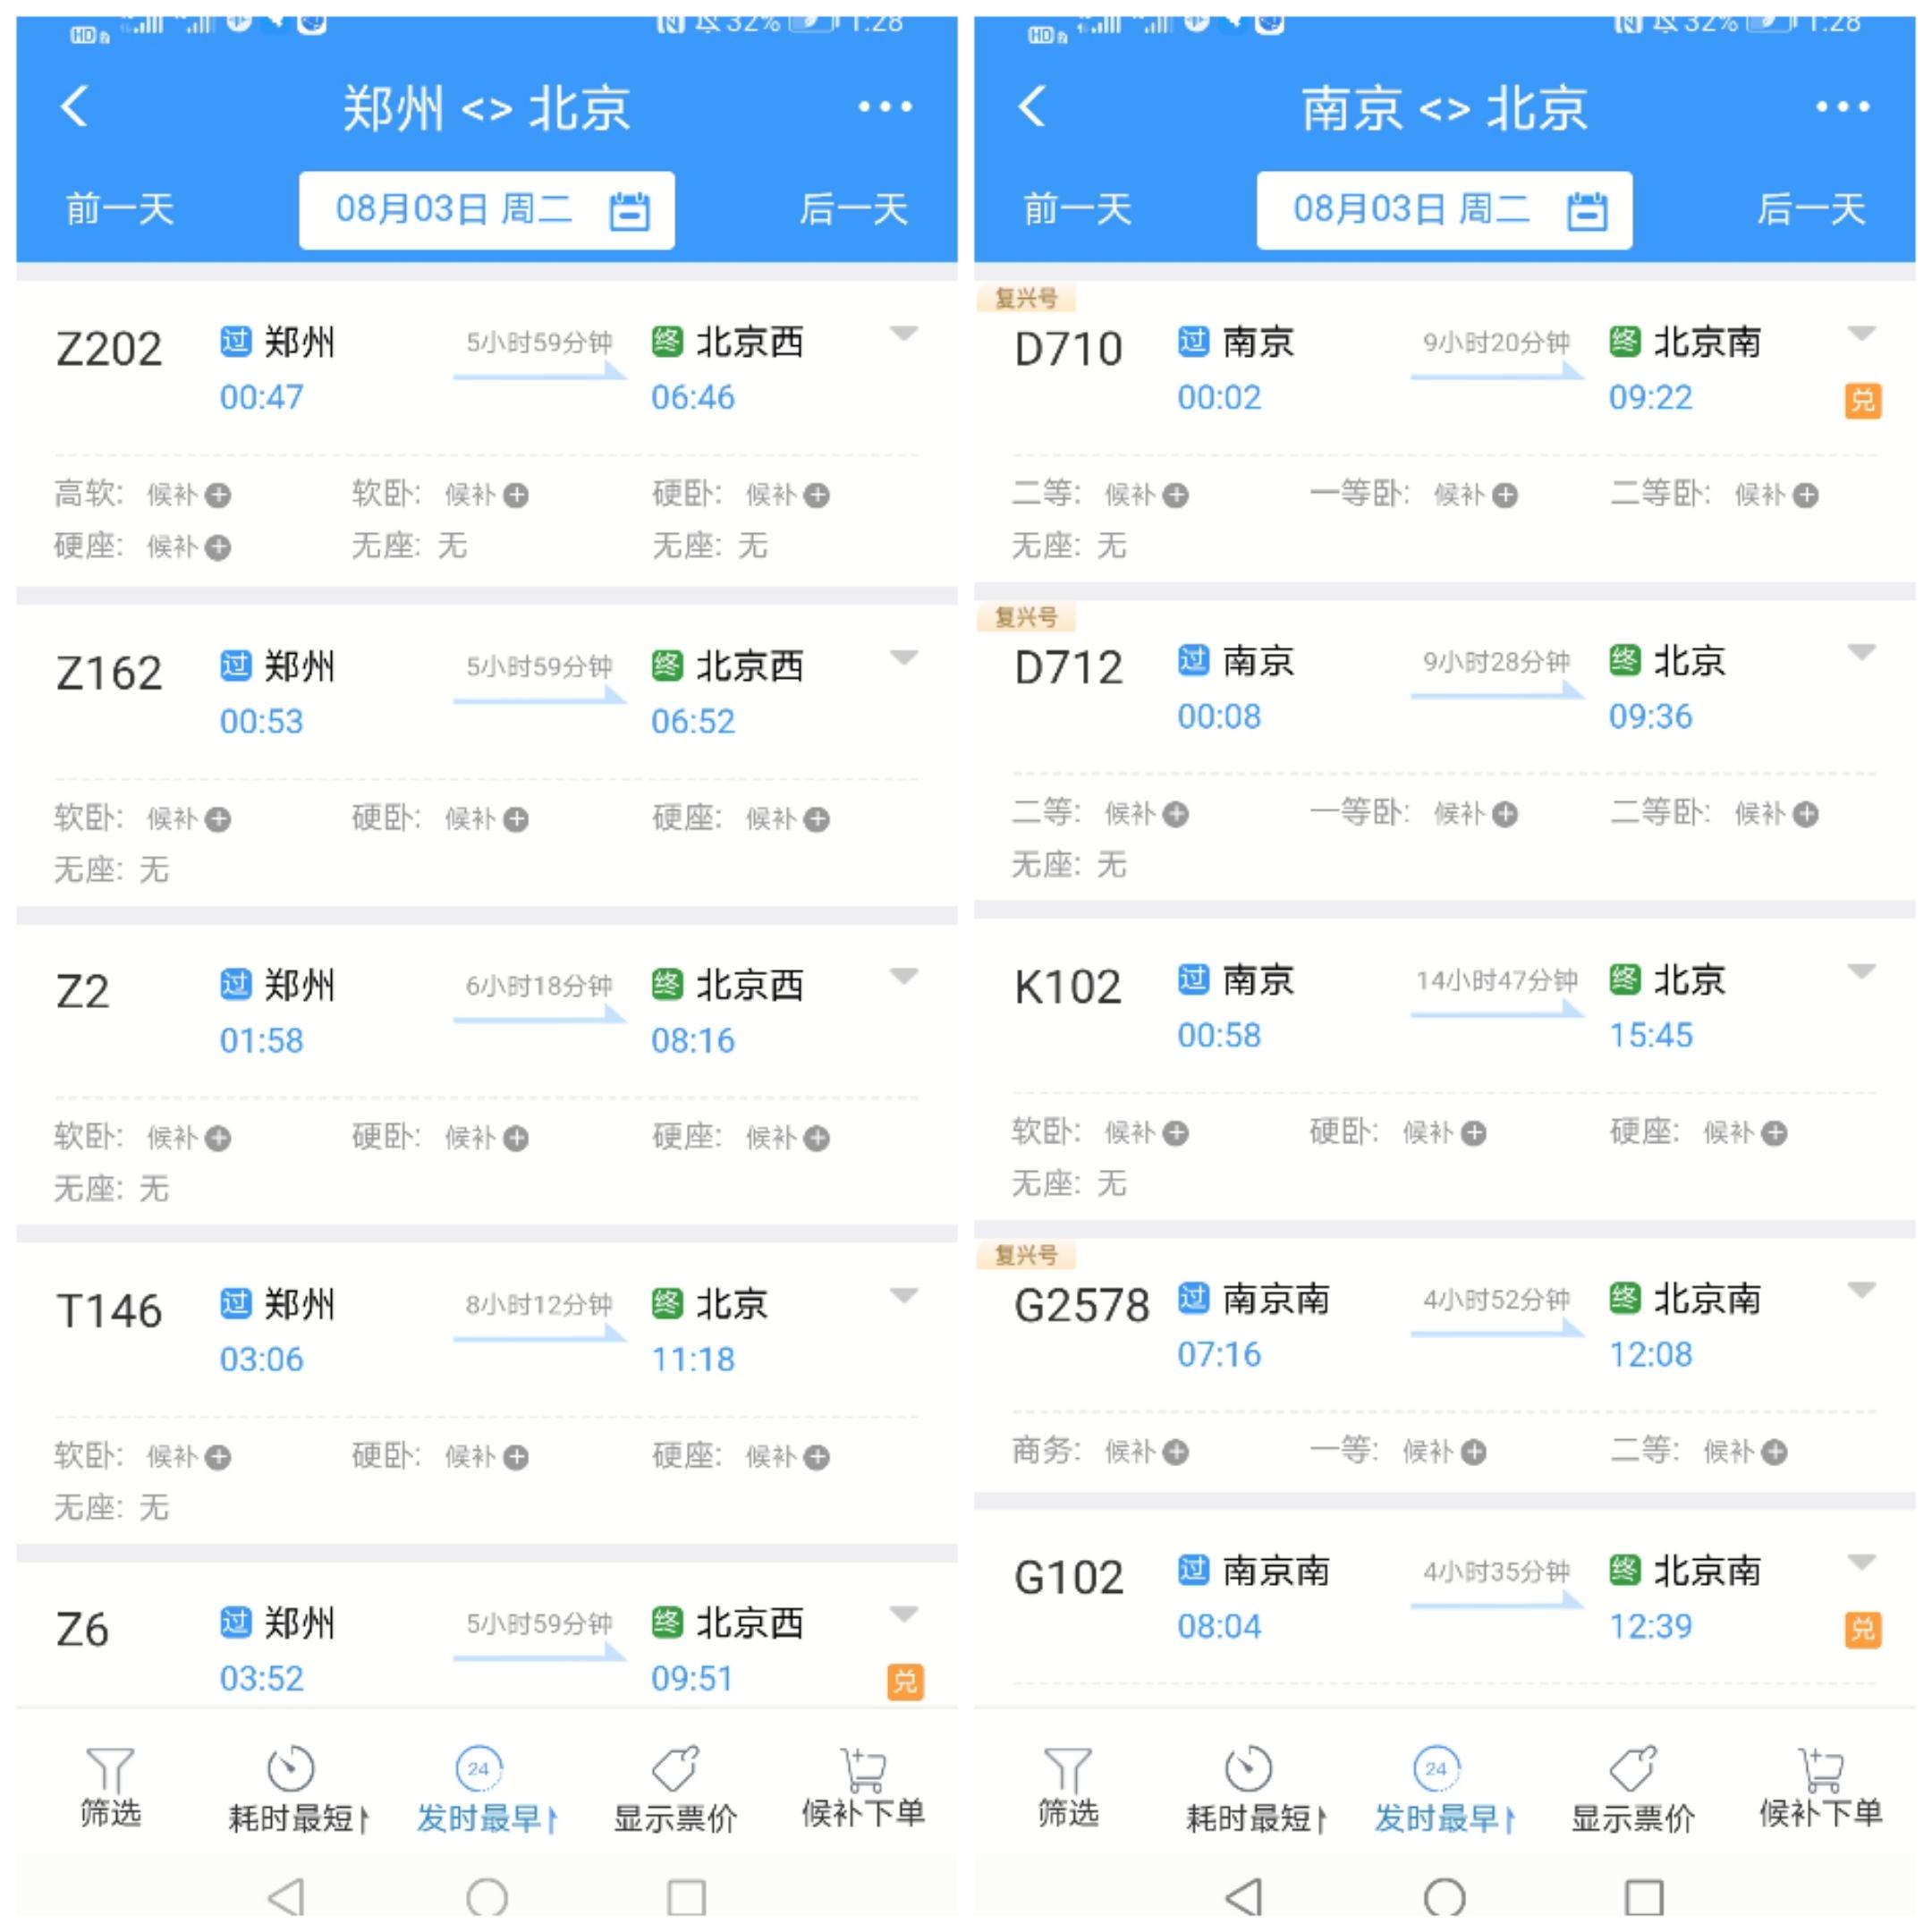 铁路部门停售郑州、南京等地进京车票,已购票乘客可正常乘车